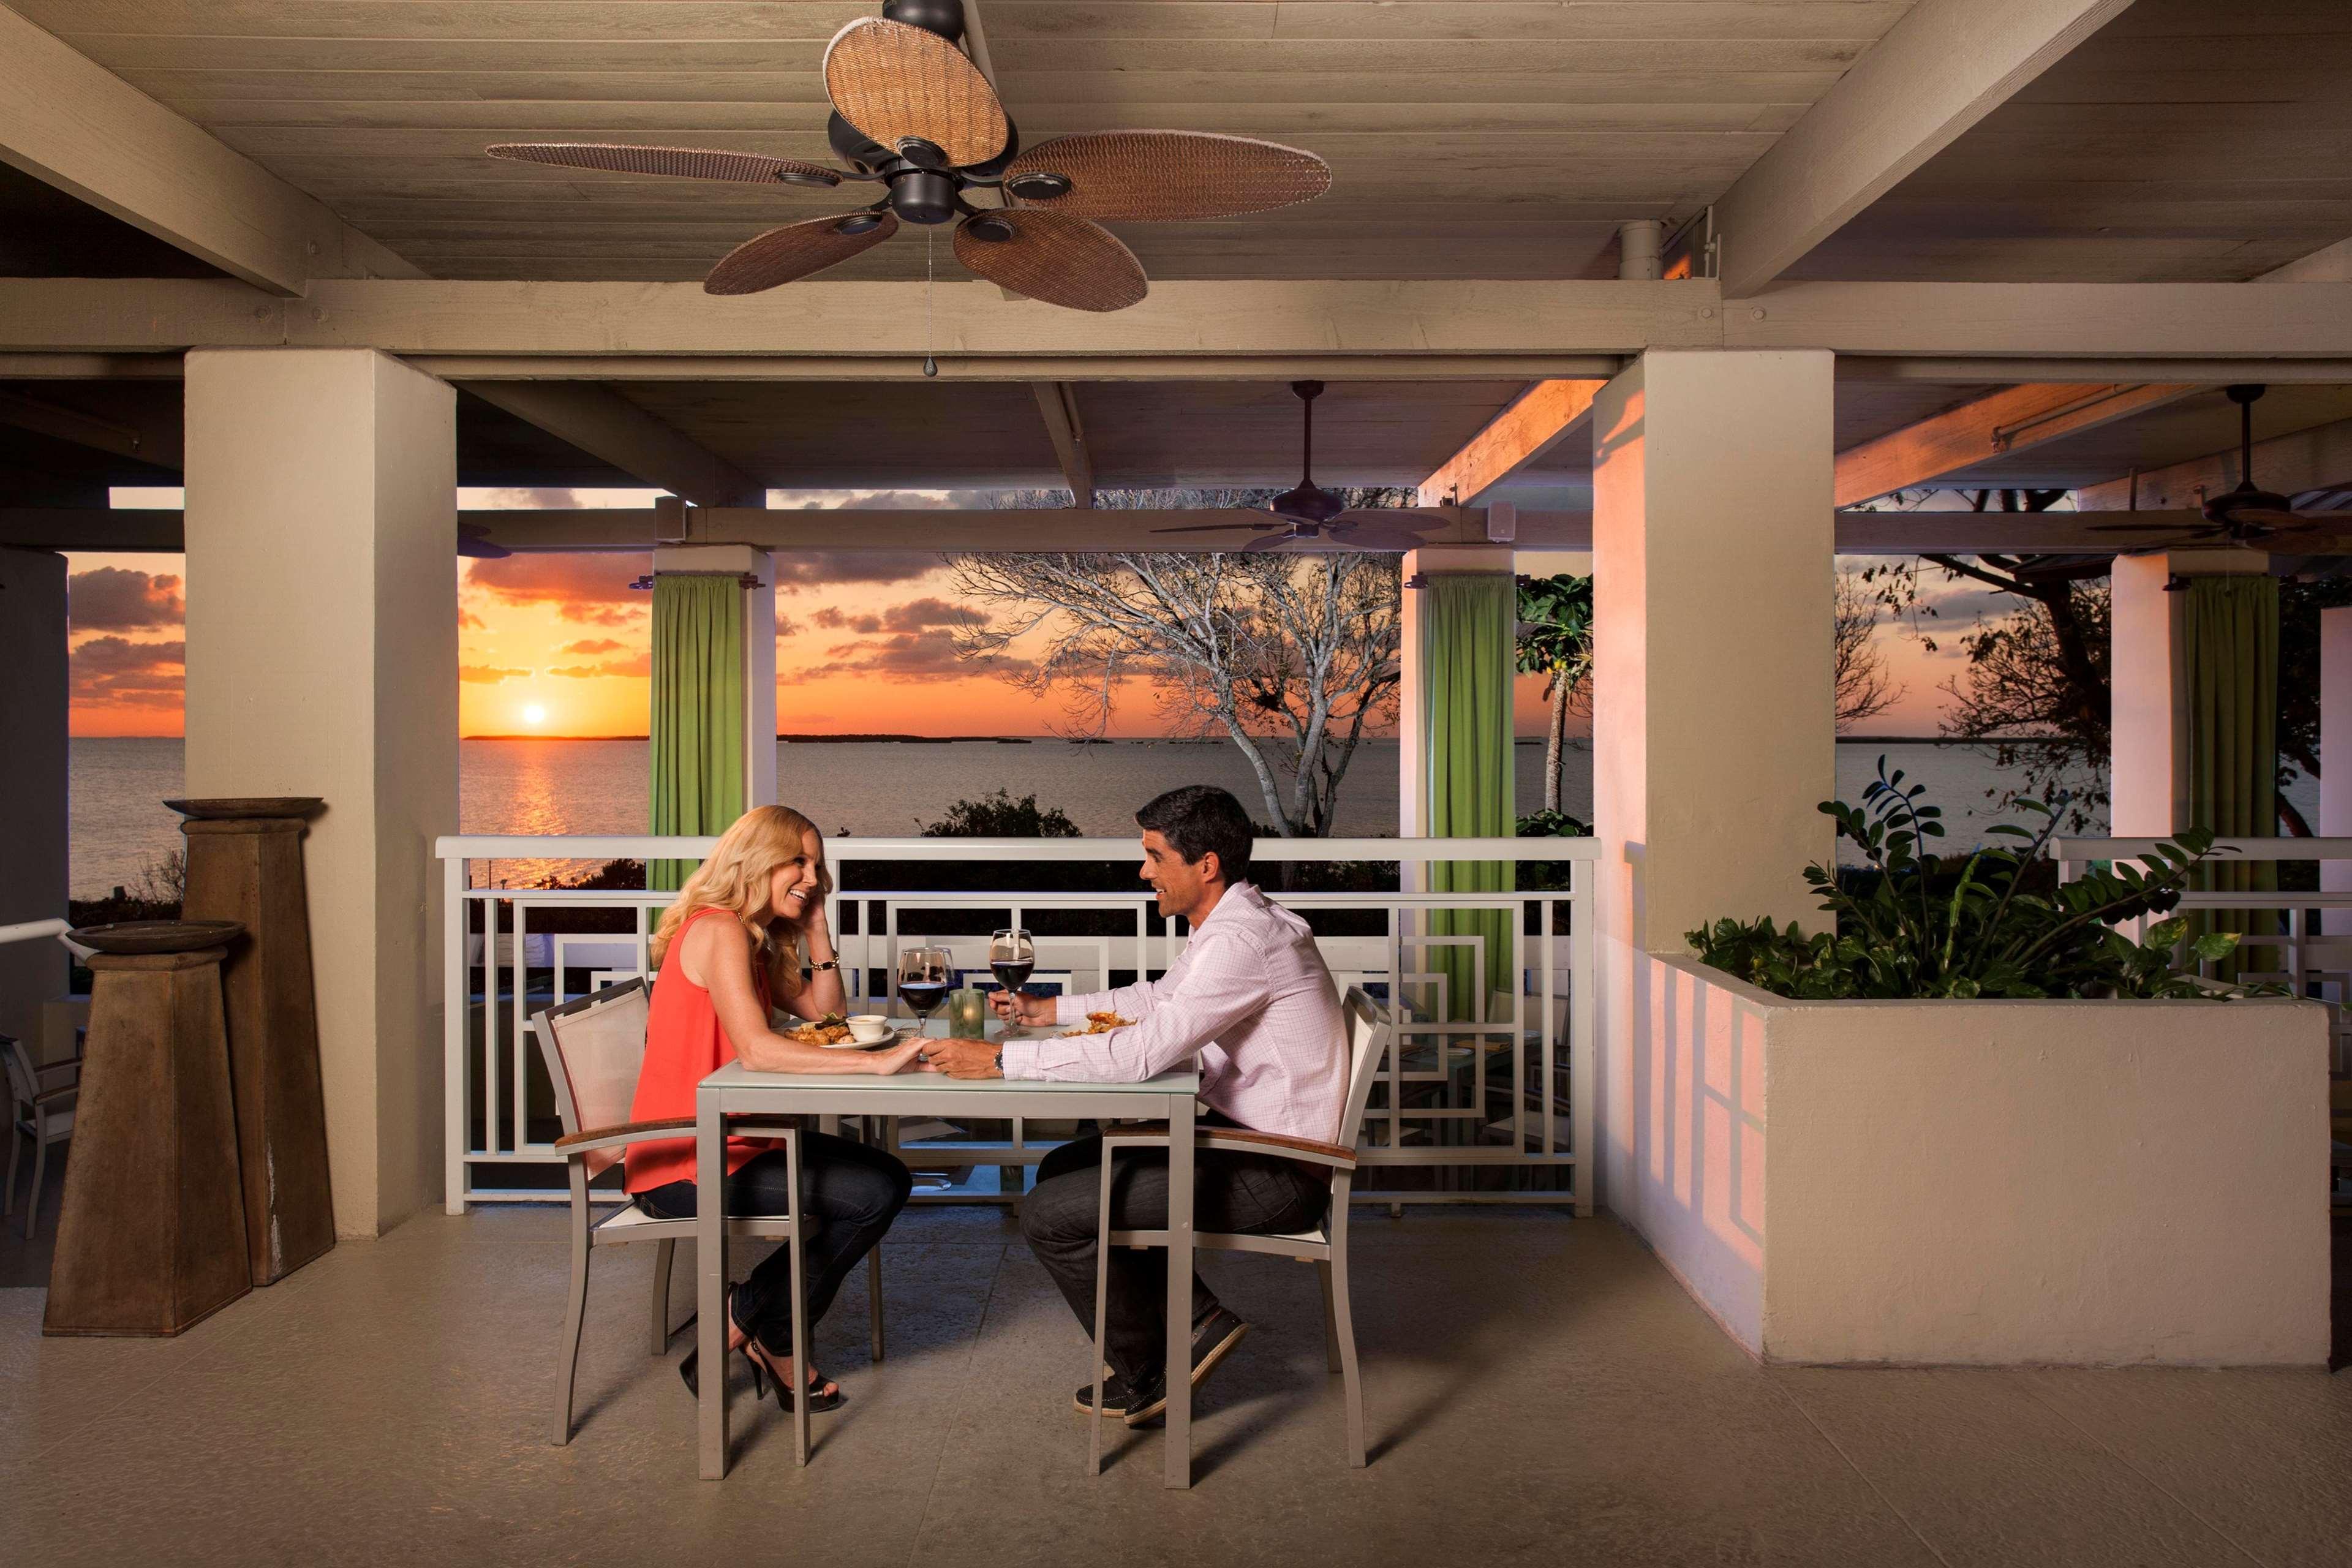 Hilton Key Largo Resort image 8